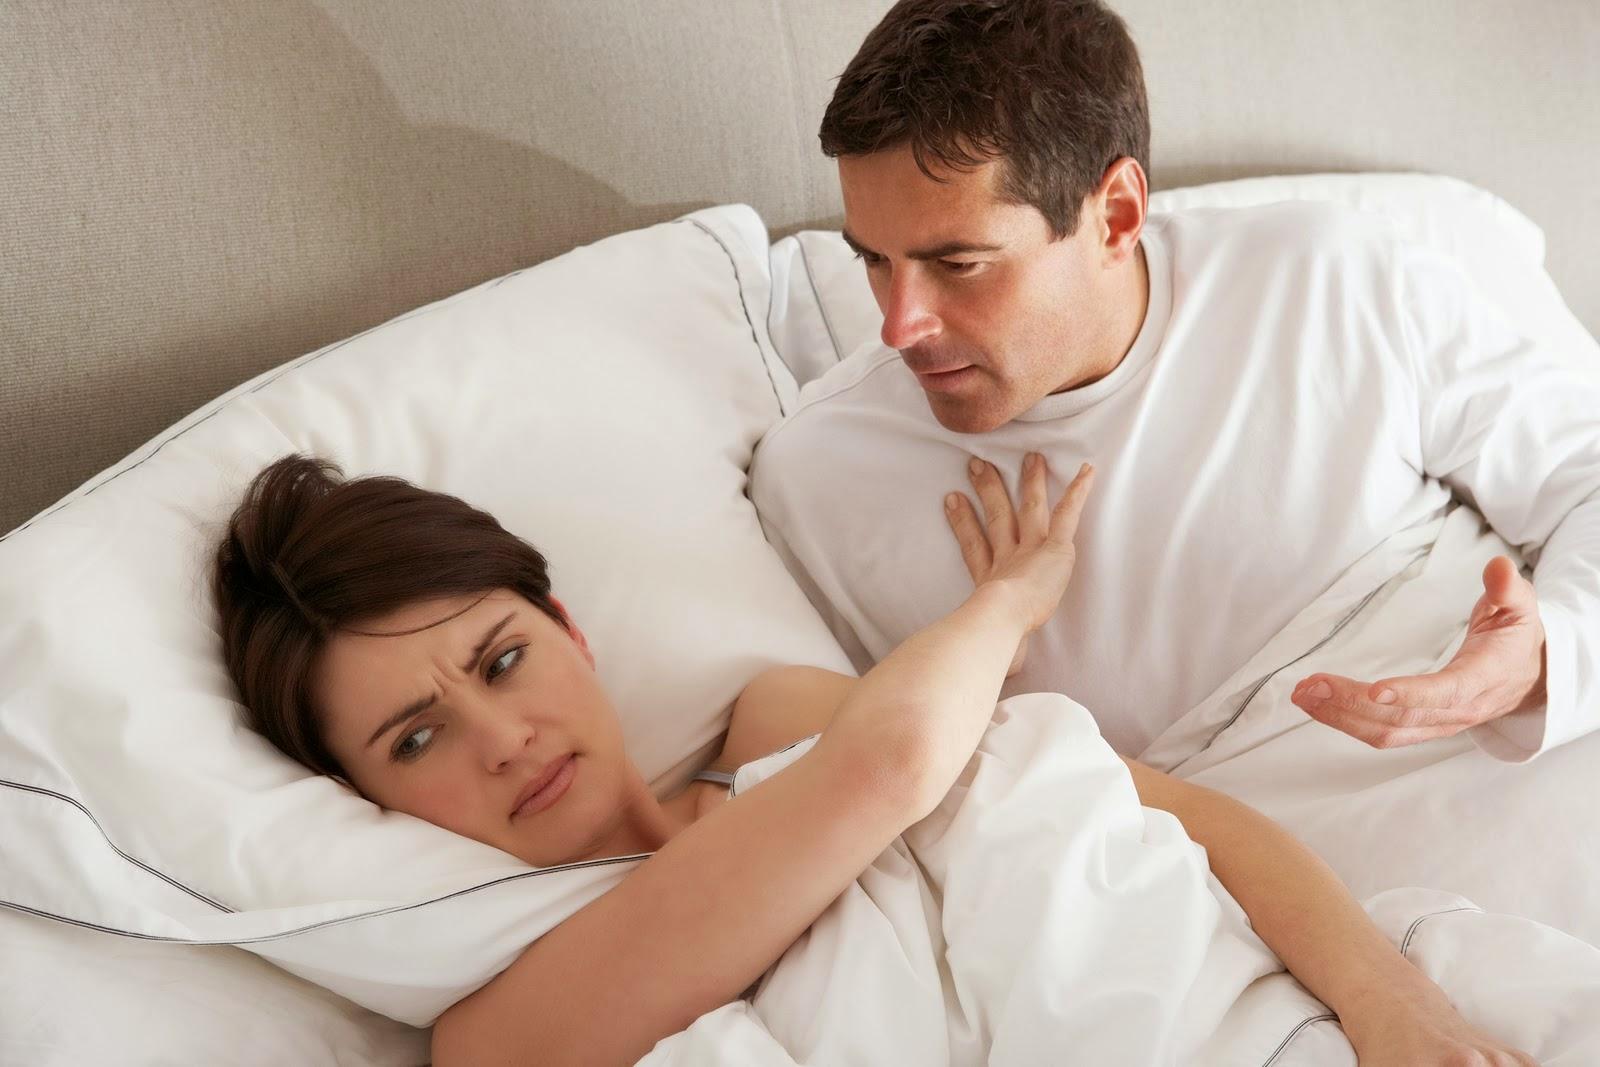 simptom cyst, simptom sista ovari, sakit bahagian perut, shaklee cyst, pendarahan abnormal, bleeding, ketidaksuburan, ganggu fungsi ovari, cyst bahaya,perut buncit sbb cyst, sakit ketika seks, sakit ketika haid